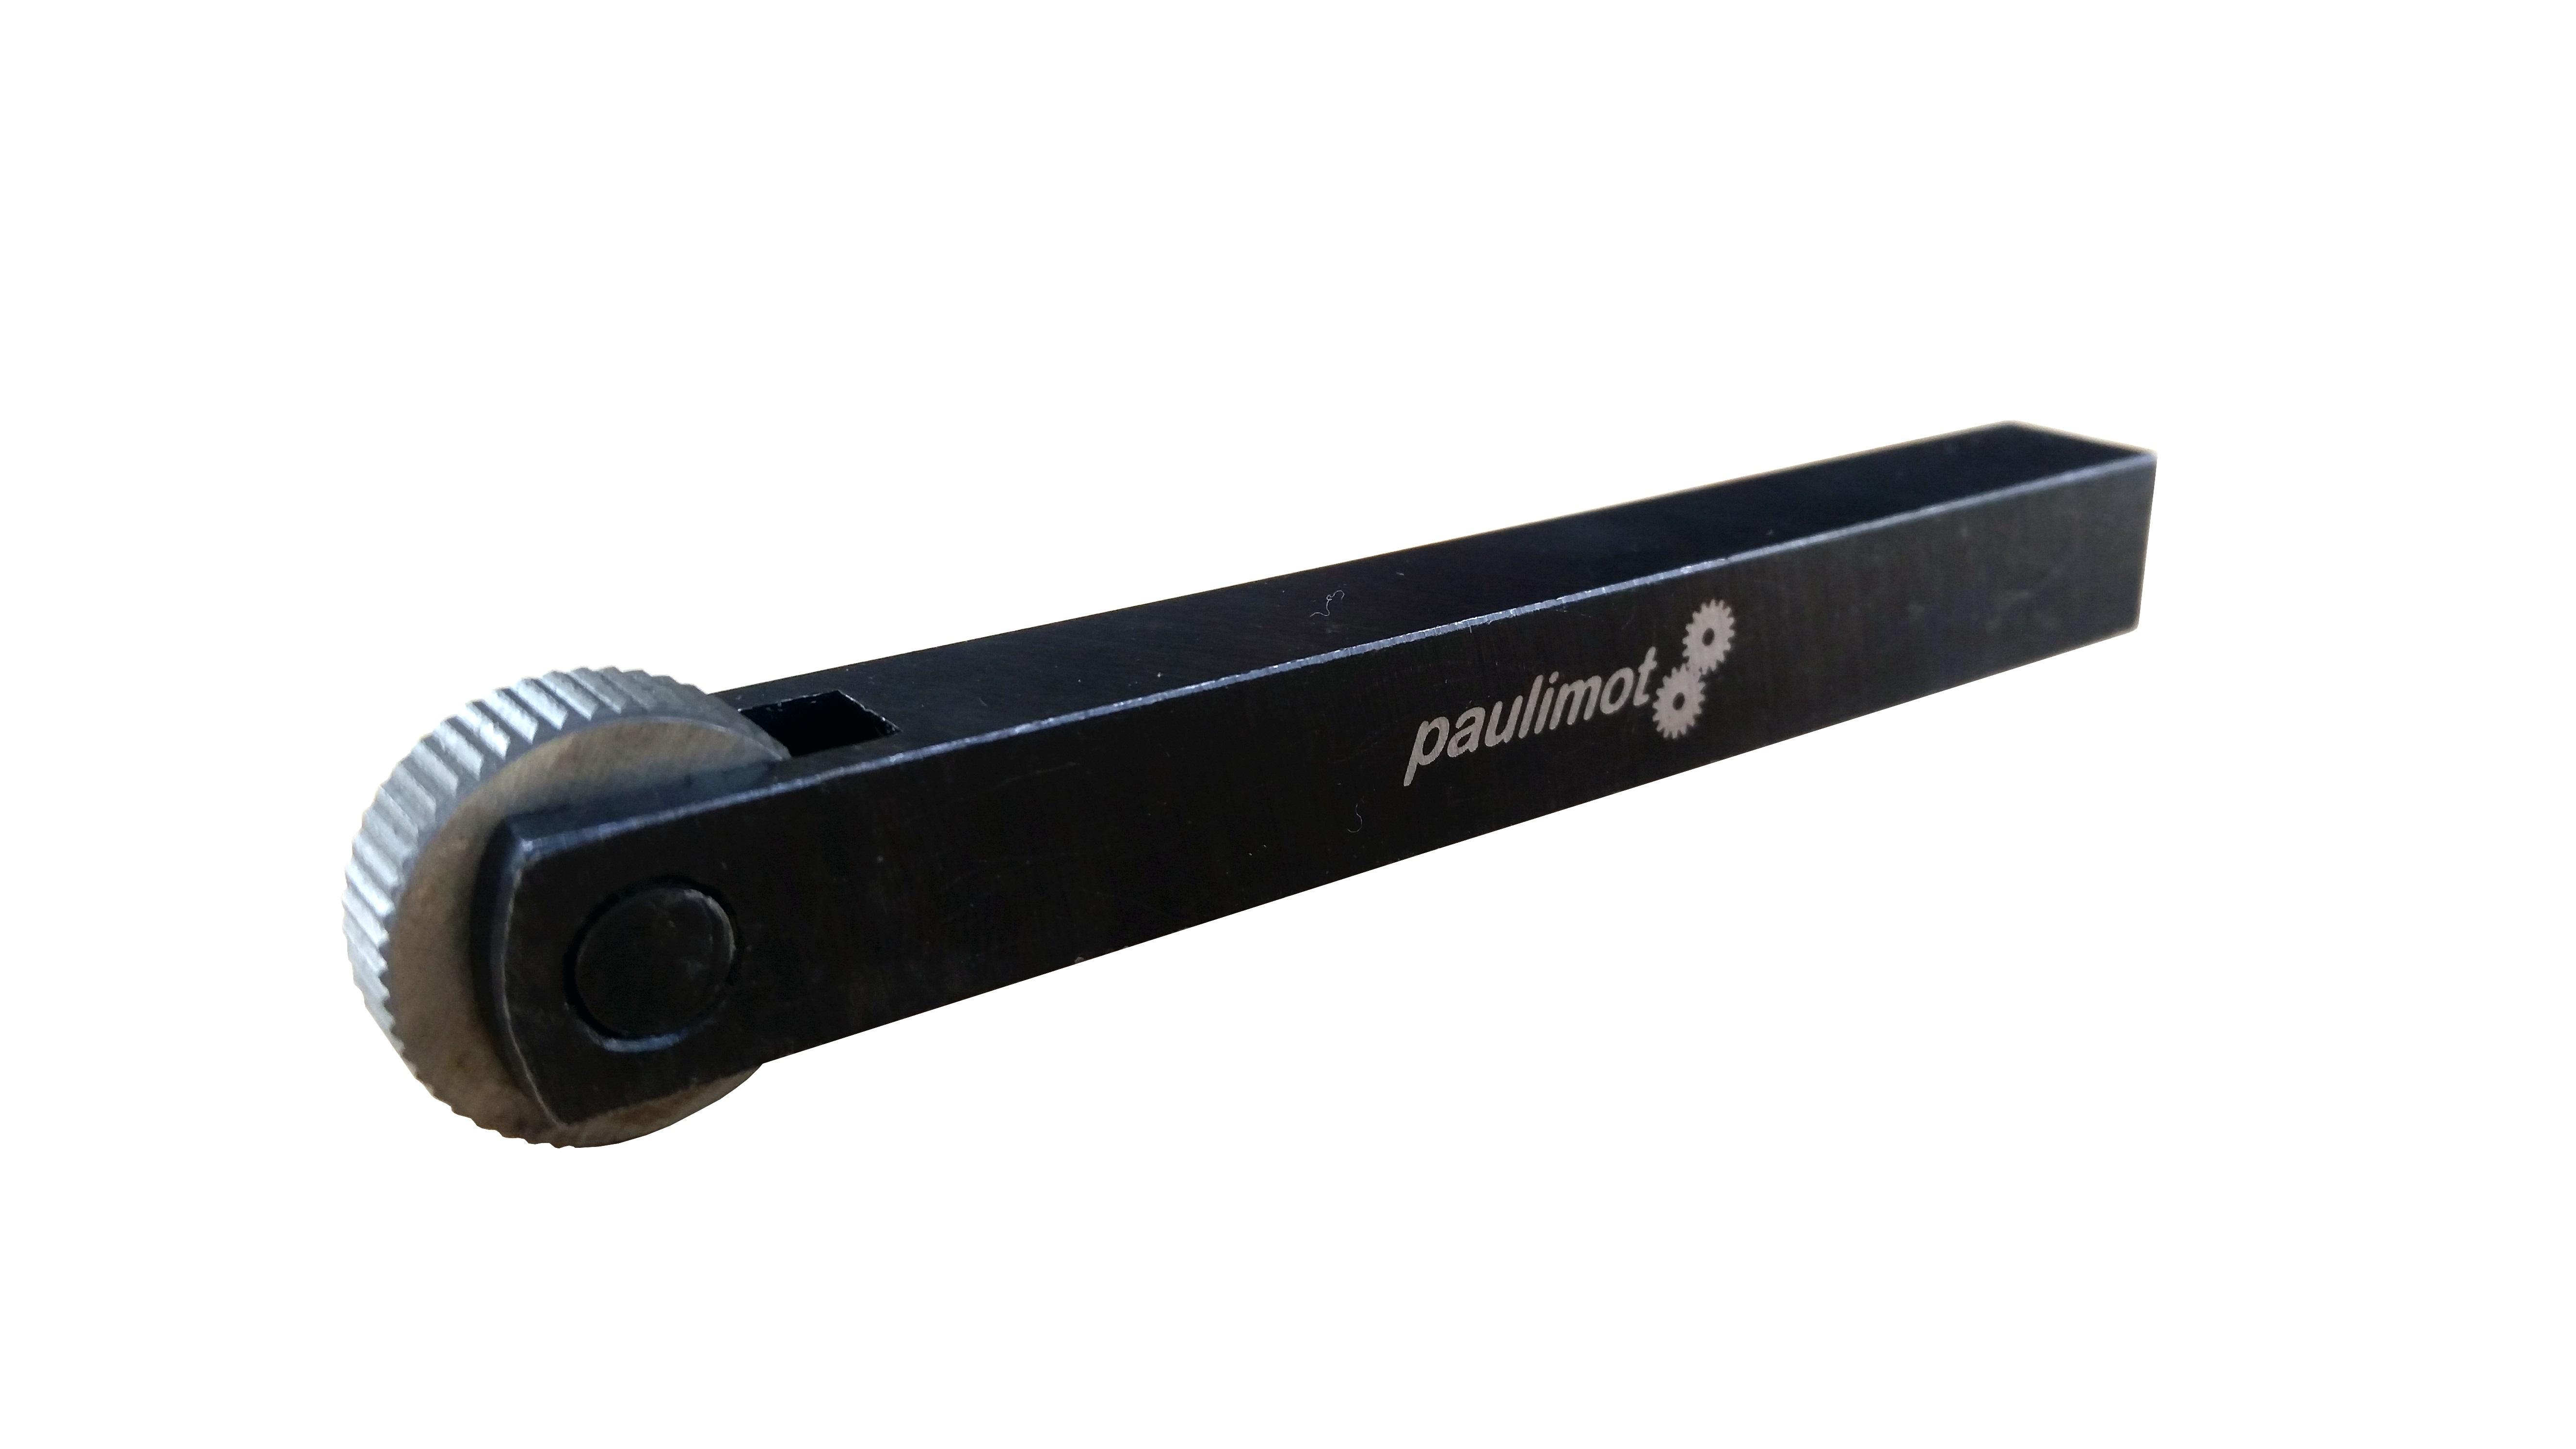 PAULIMOT Rändelzange Rändelwerkzeug mit 2 HSS-Rädern